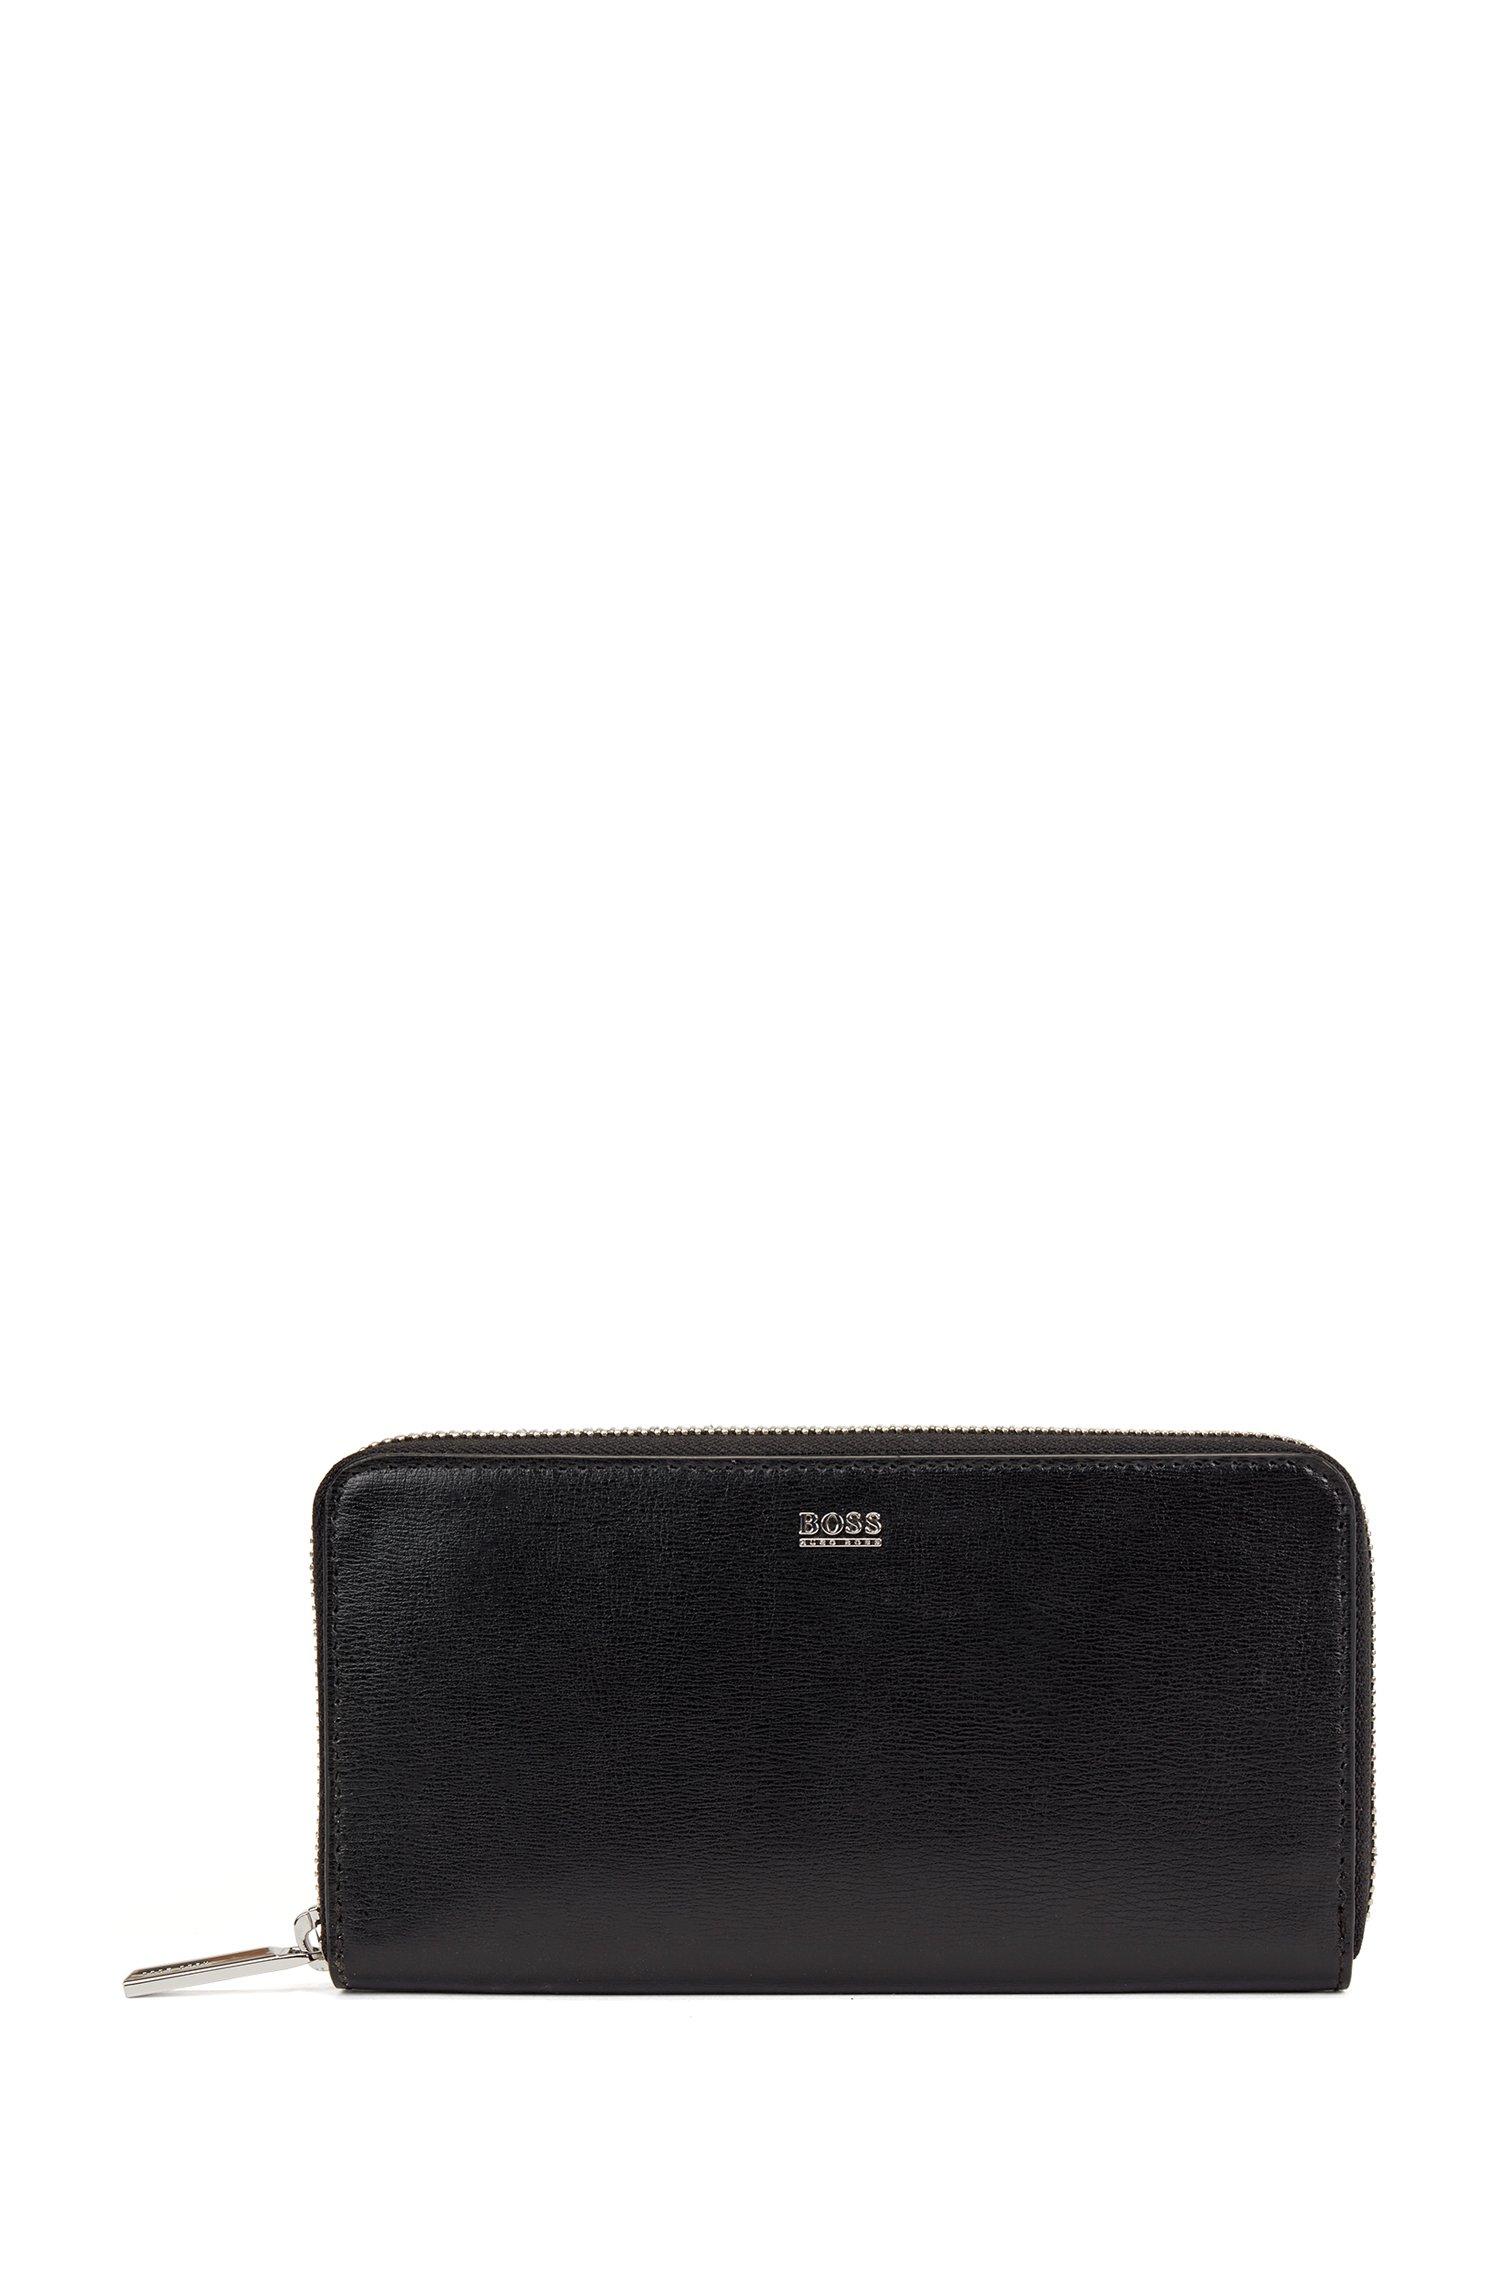 Portefeuille zippé en cuir structuré avec logo poli, Noir